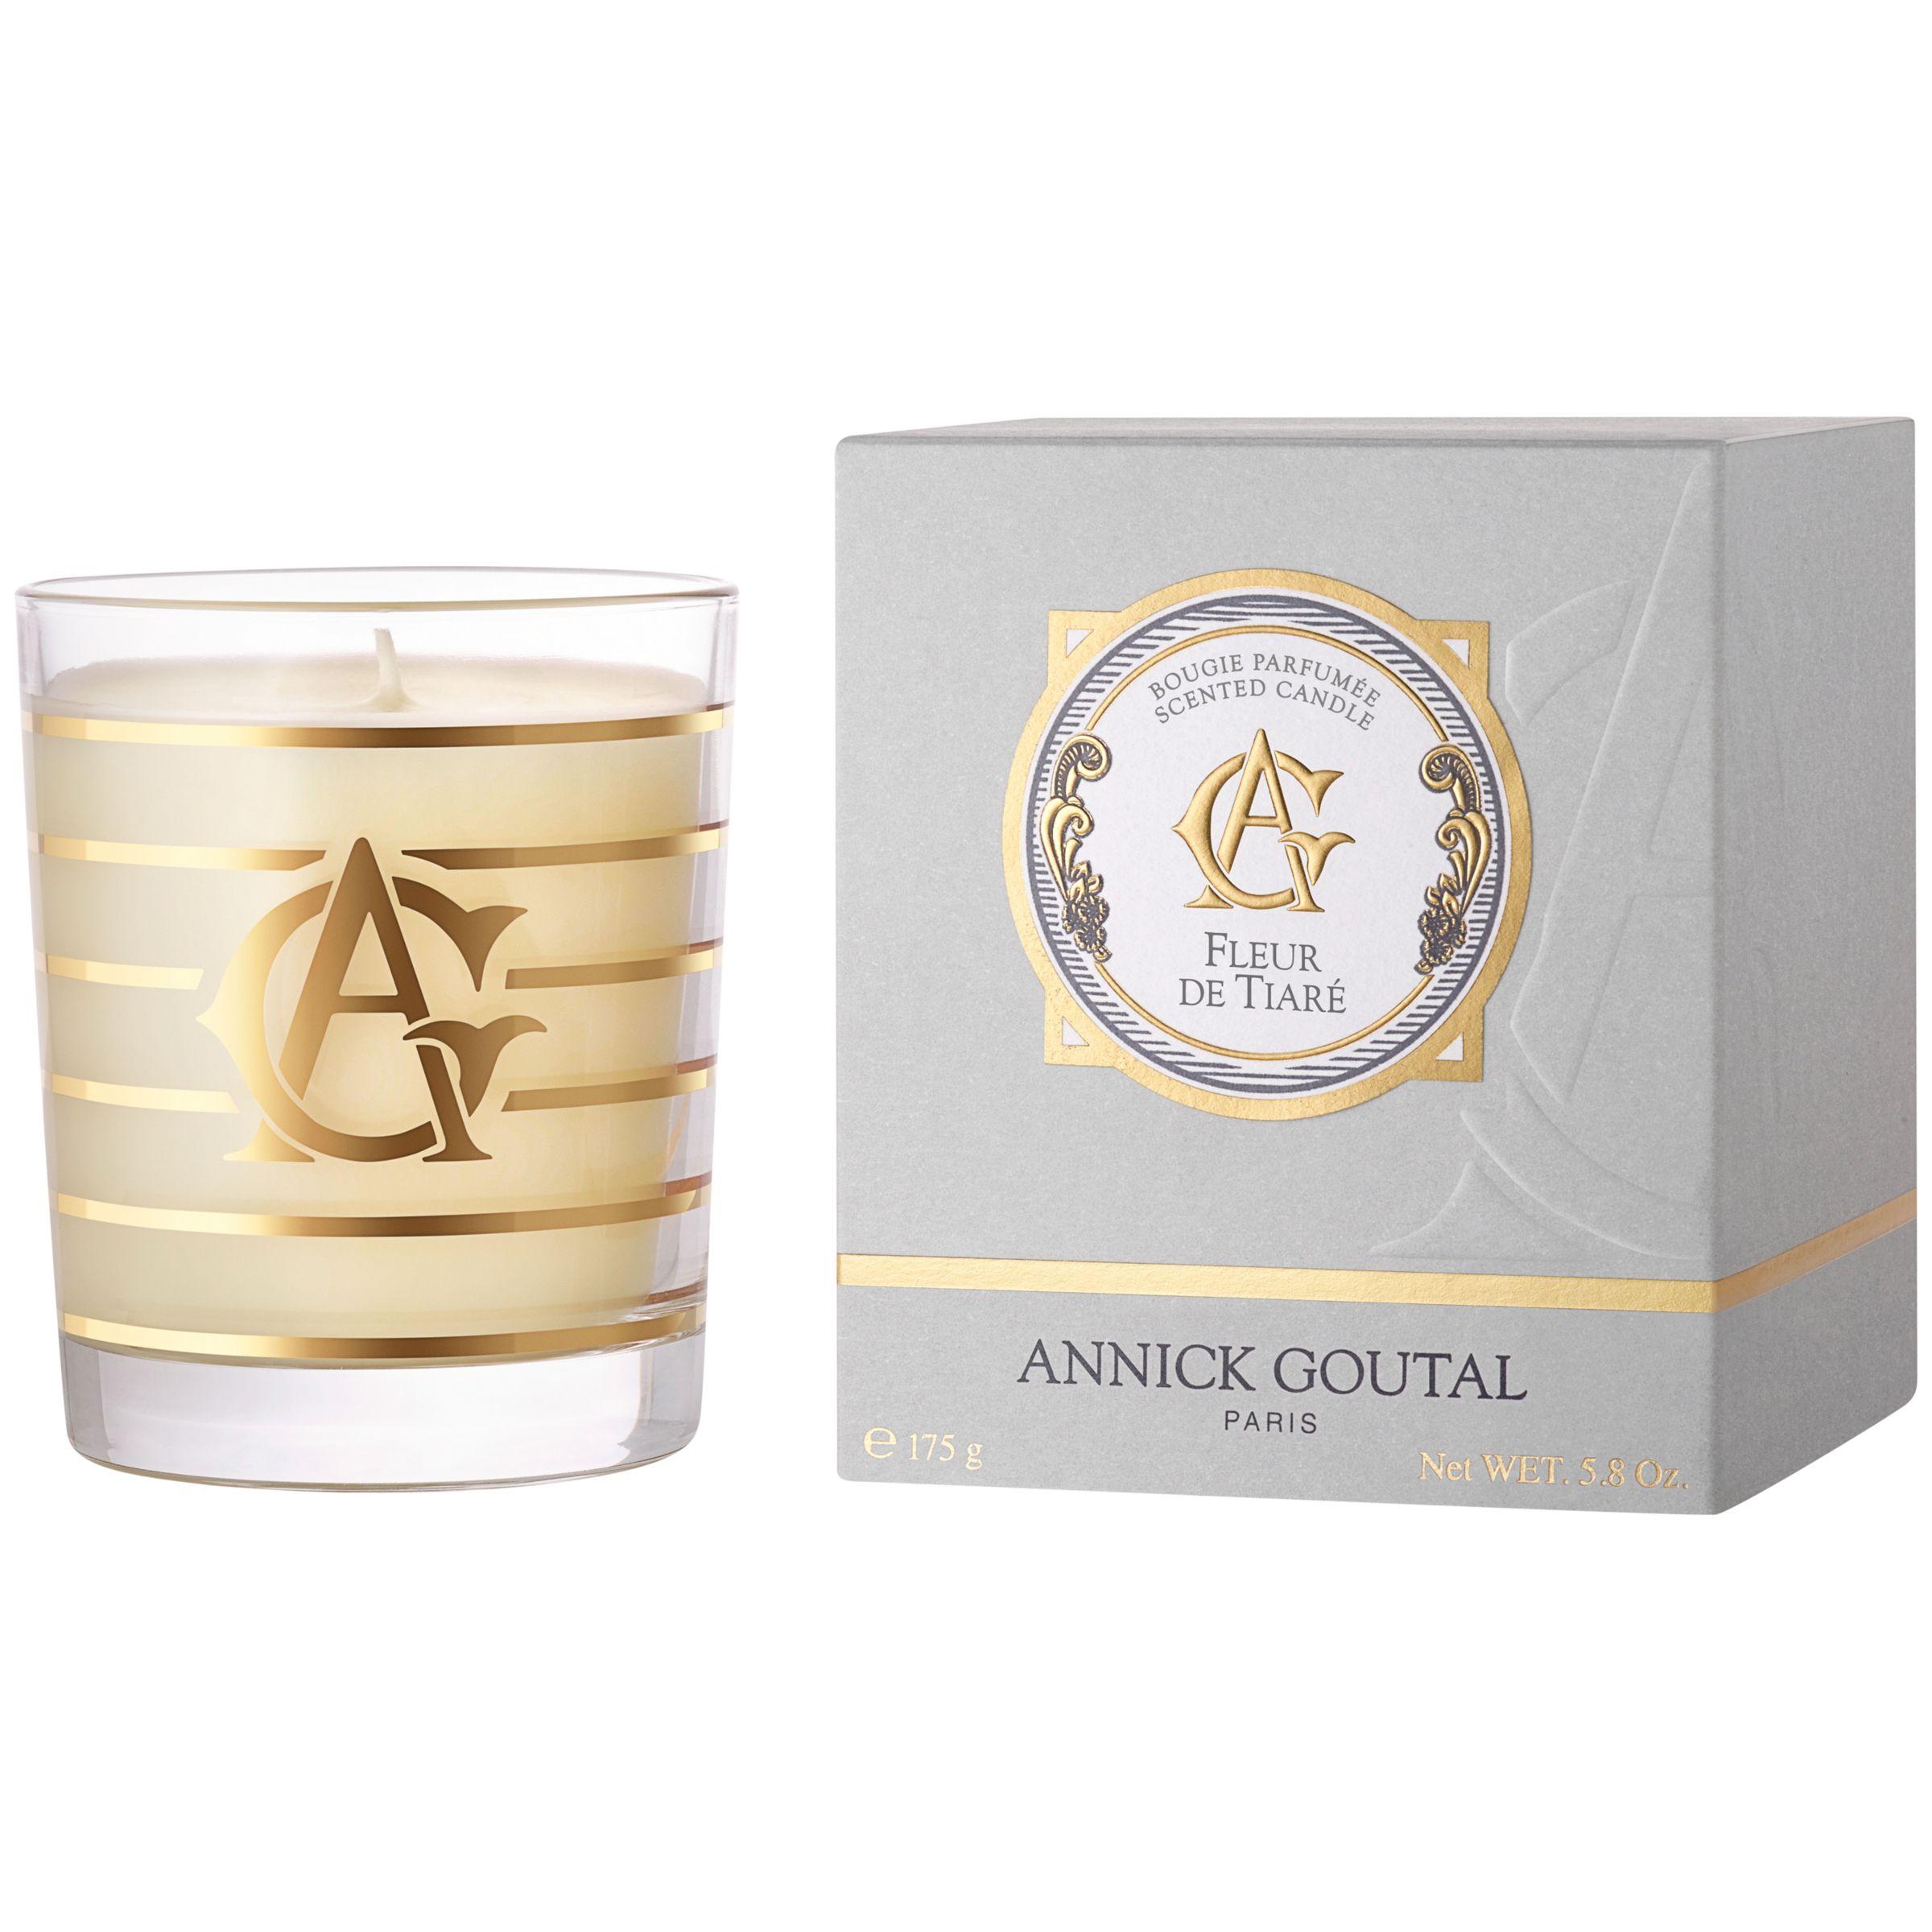 Annick Goutal Annick Goutal Fleur De Tiare Candle, 175g